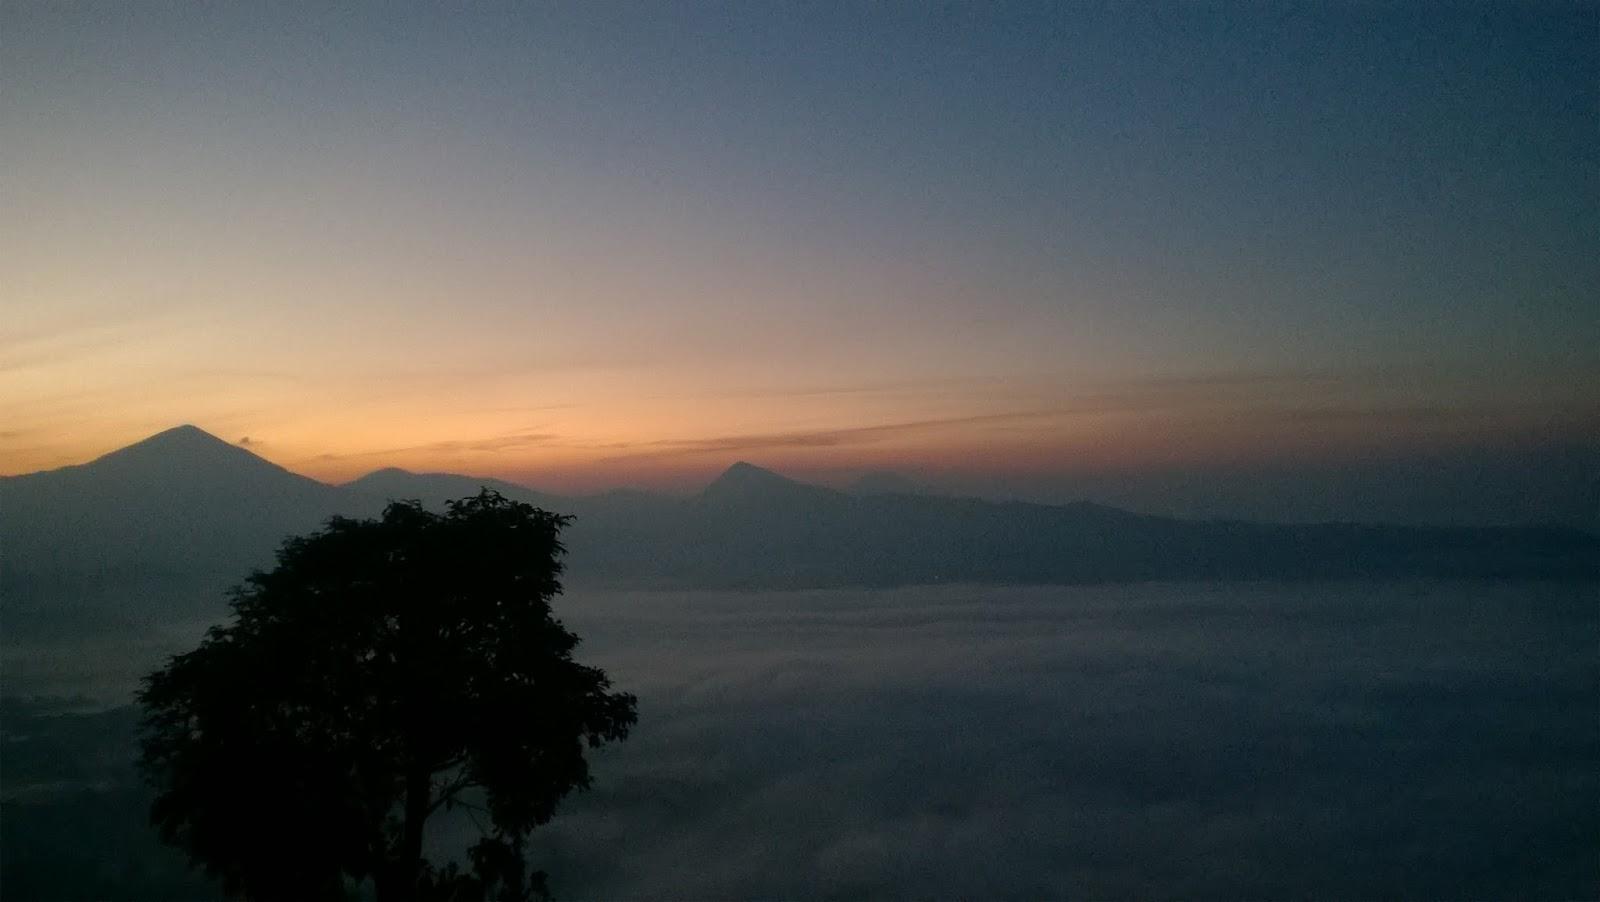 Camping dan Sunrise di Gunung Putri Lembang